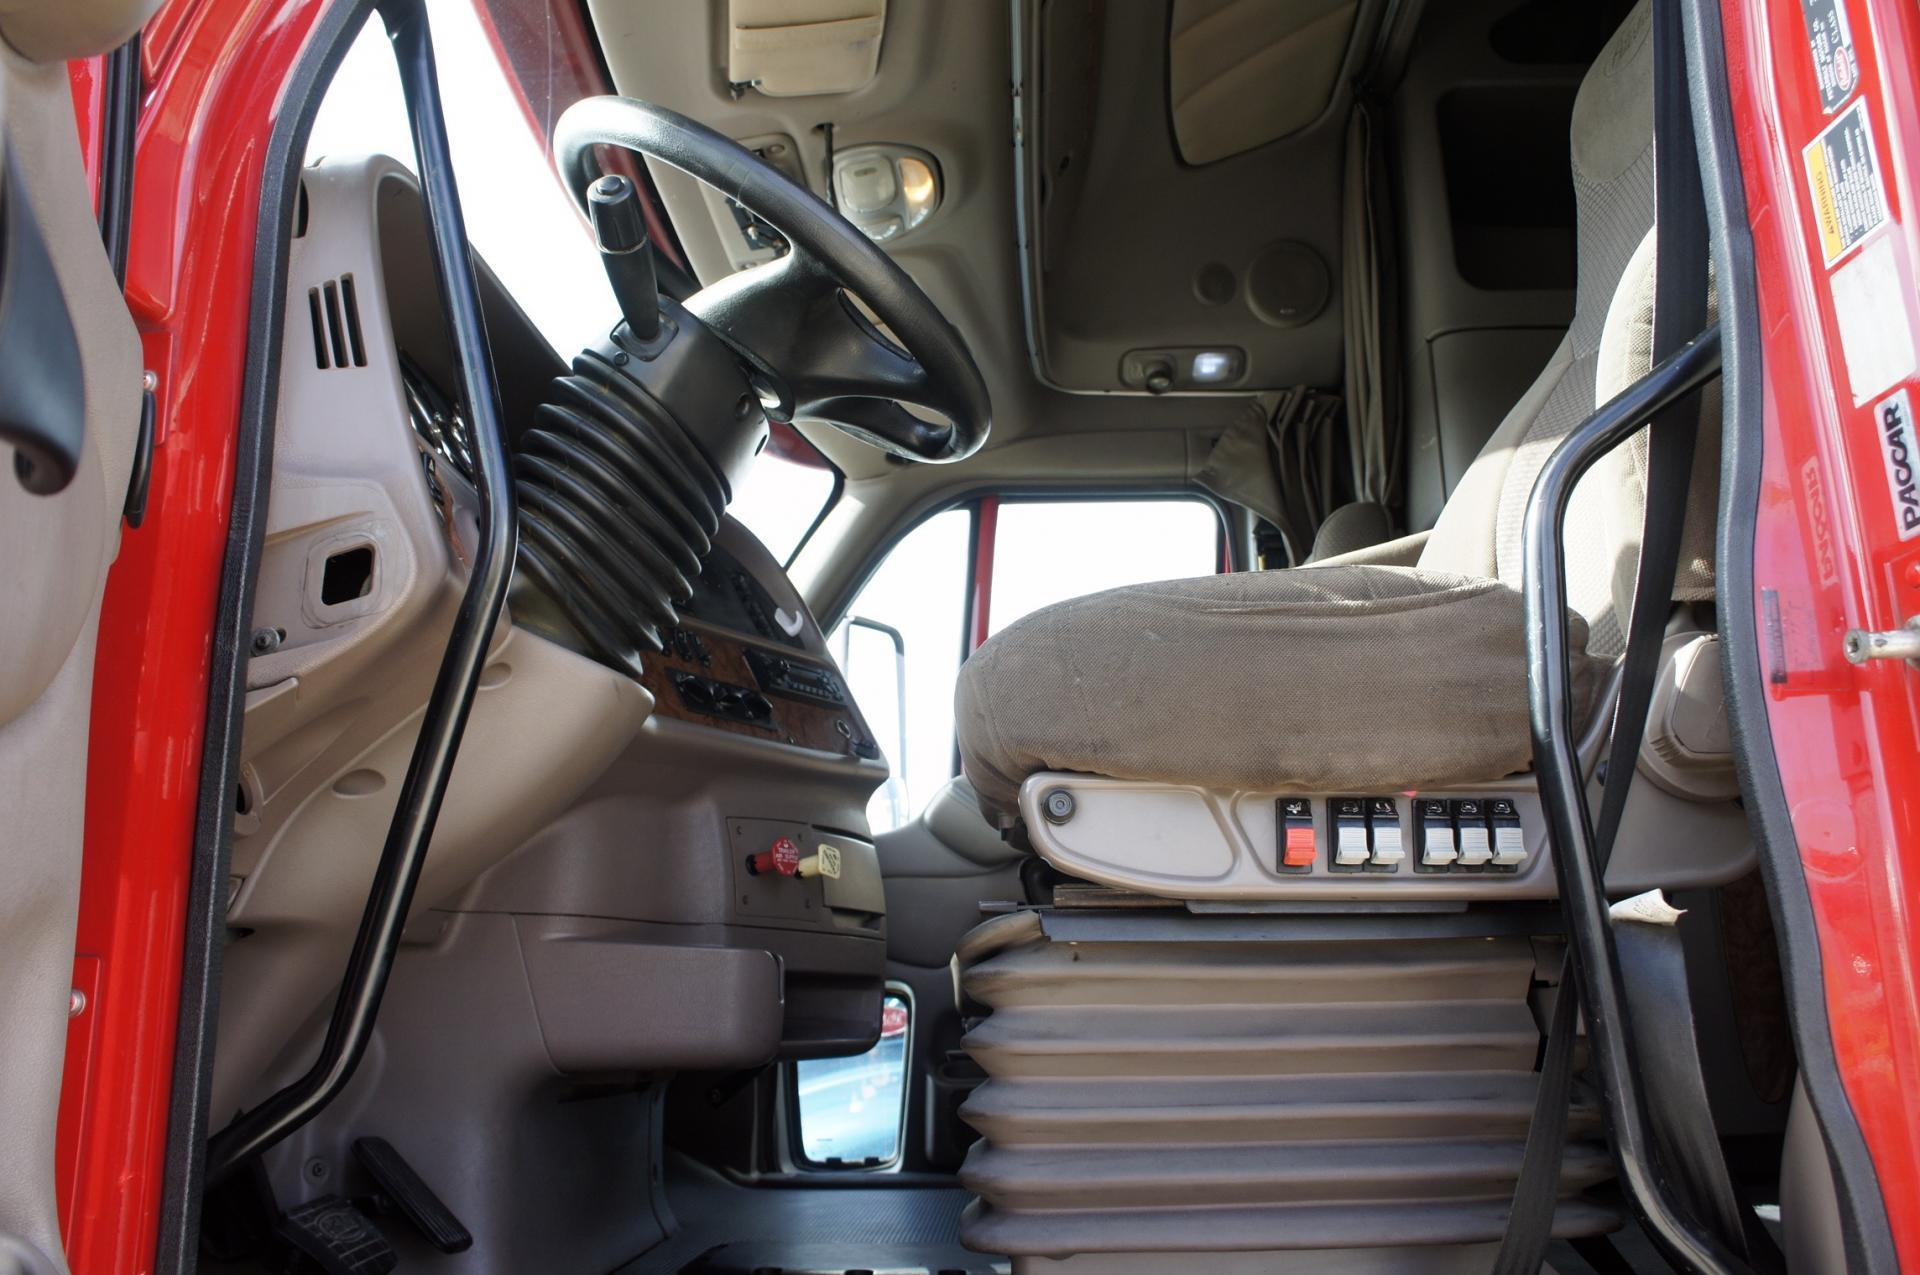 Used 2011 Peterbilt 387 for sale-59234778